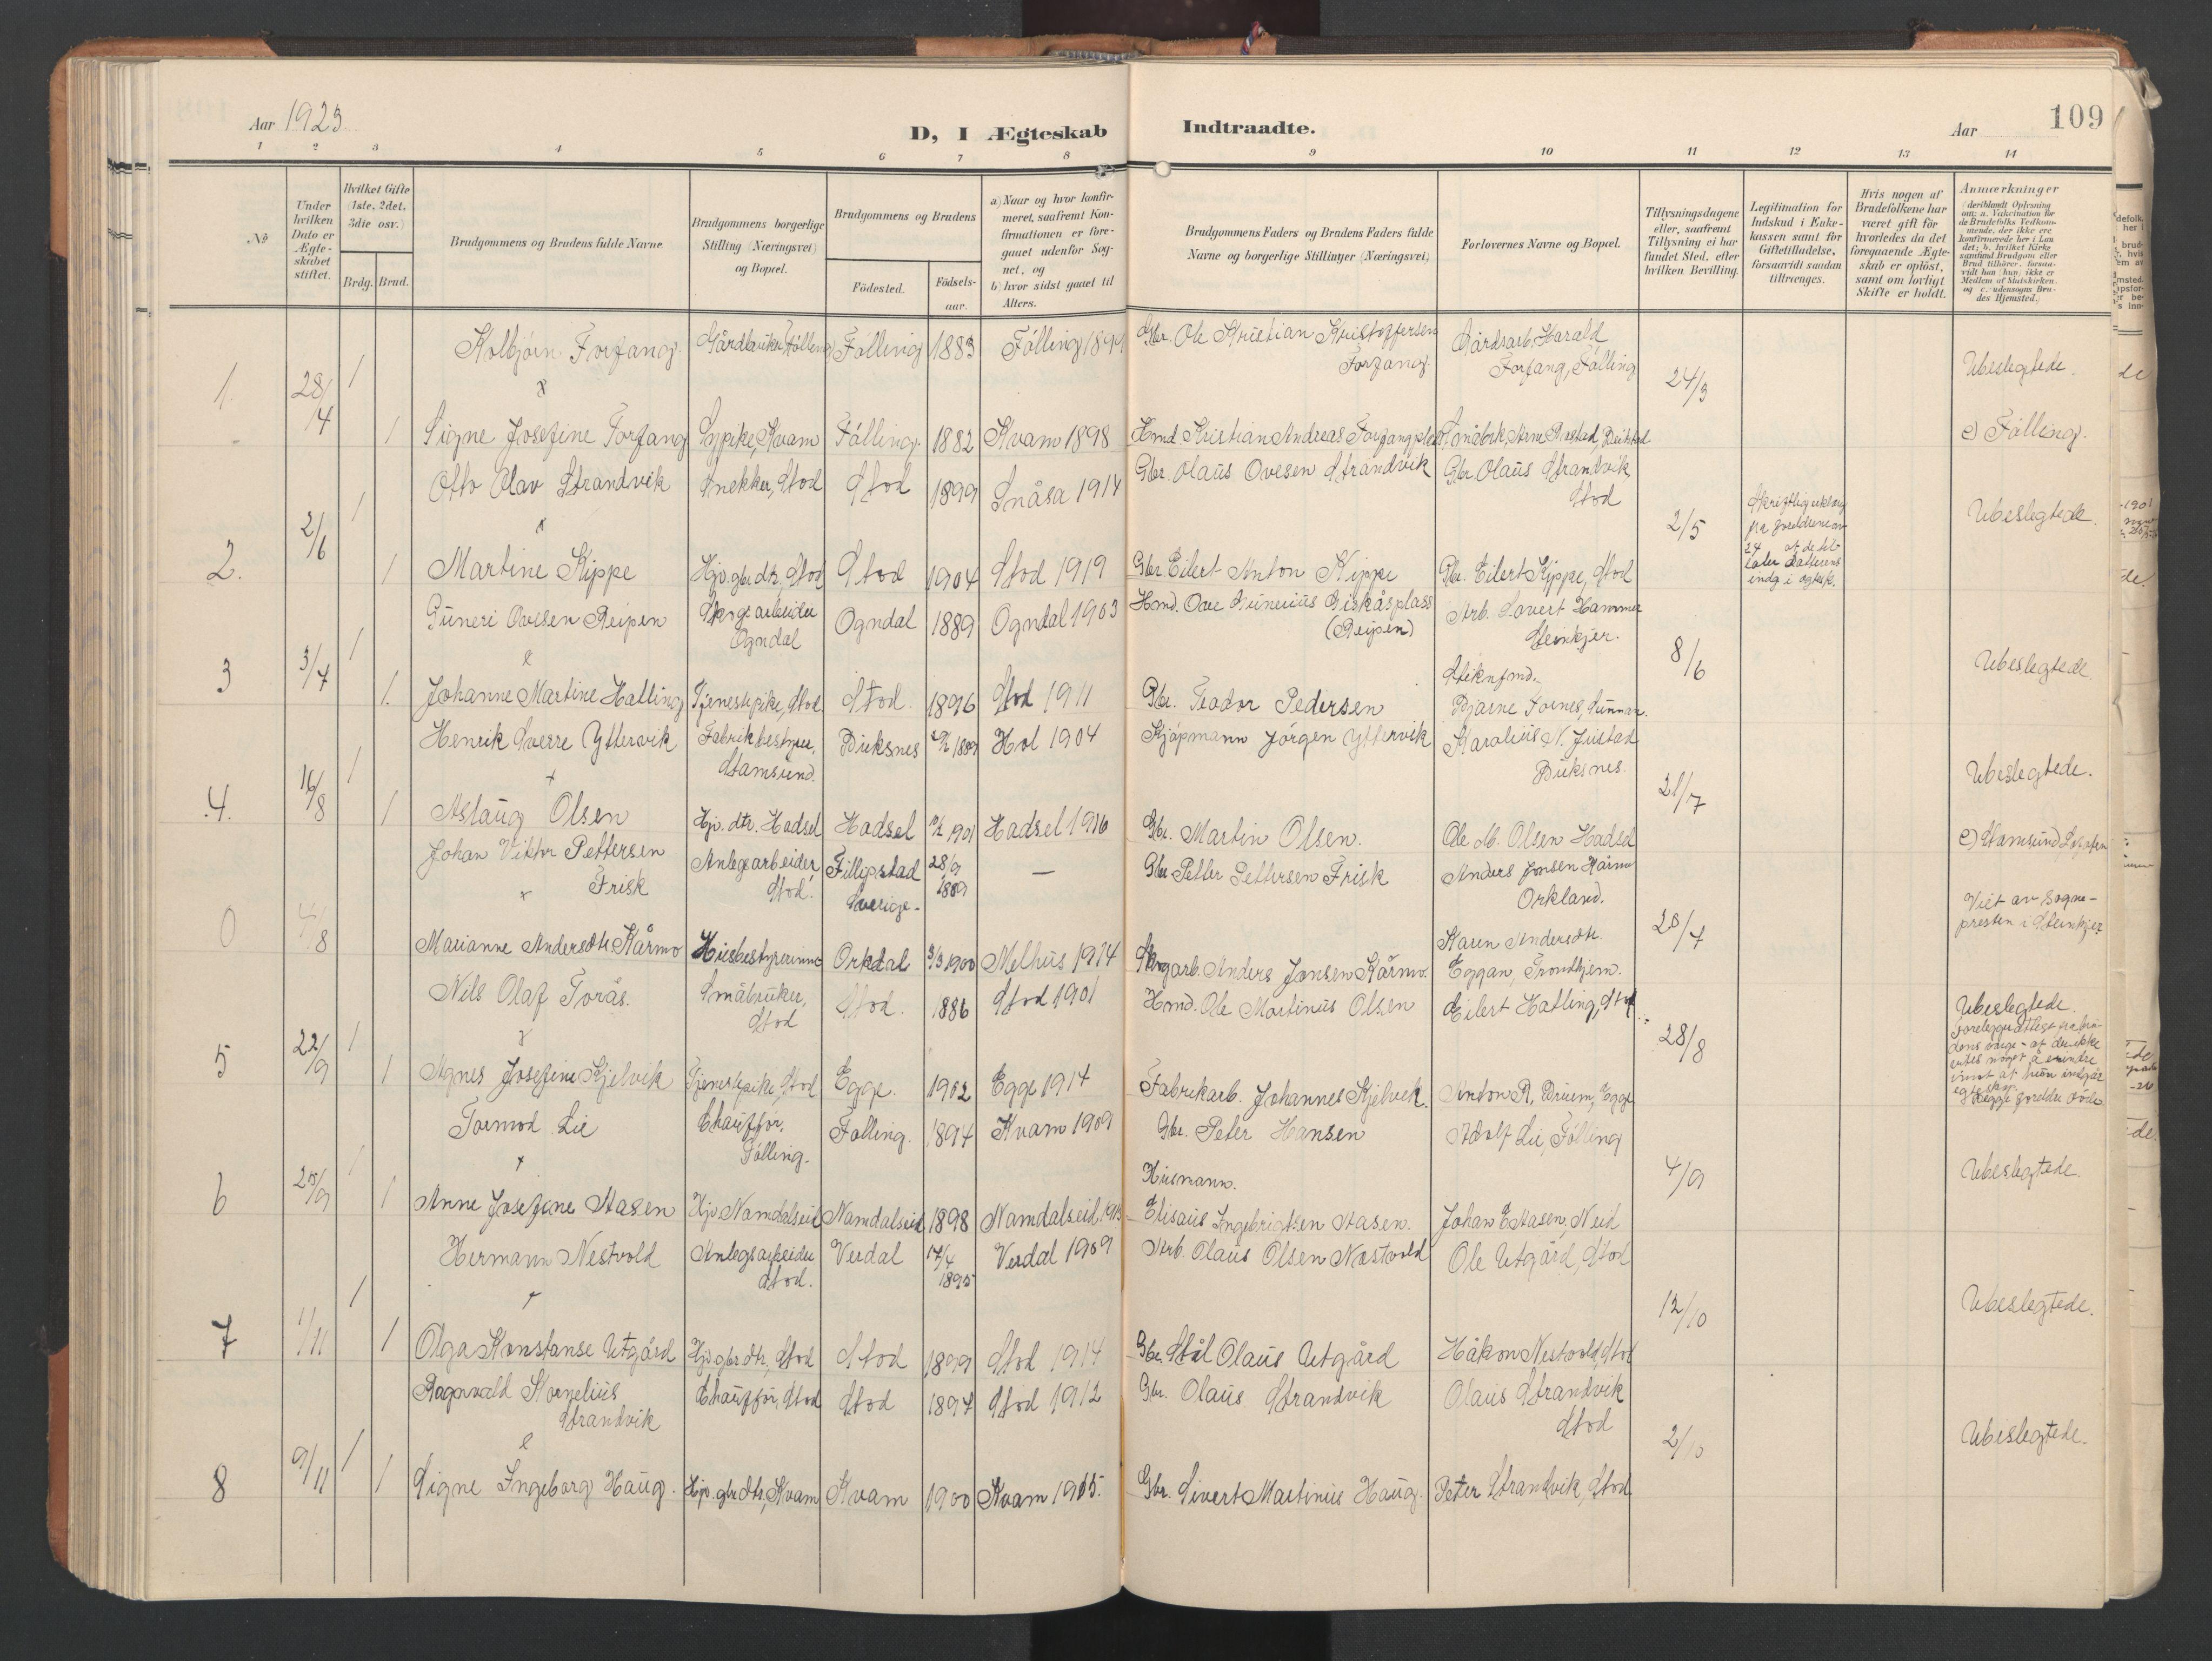 SAT, Ministerialprotokoller, klokkerbøker og fødselsregistre - Nord-Trøndelag, 746/L0455: Klokkerbok nr. 746C01, 1908-1933, s. 109